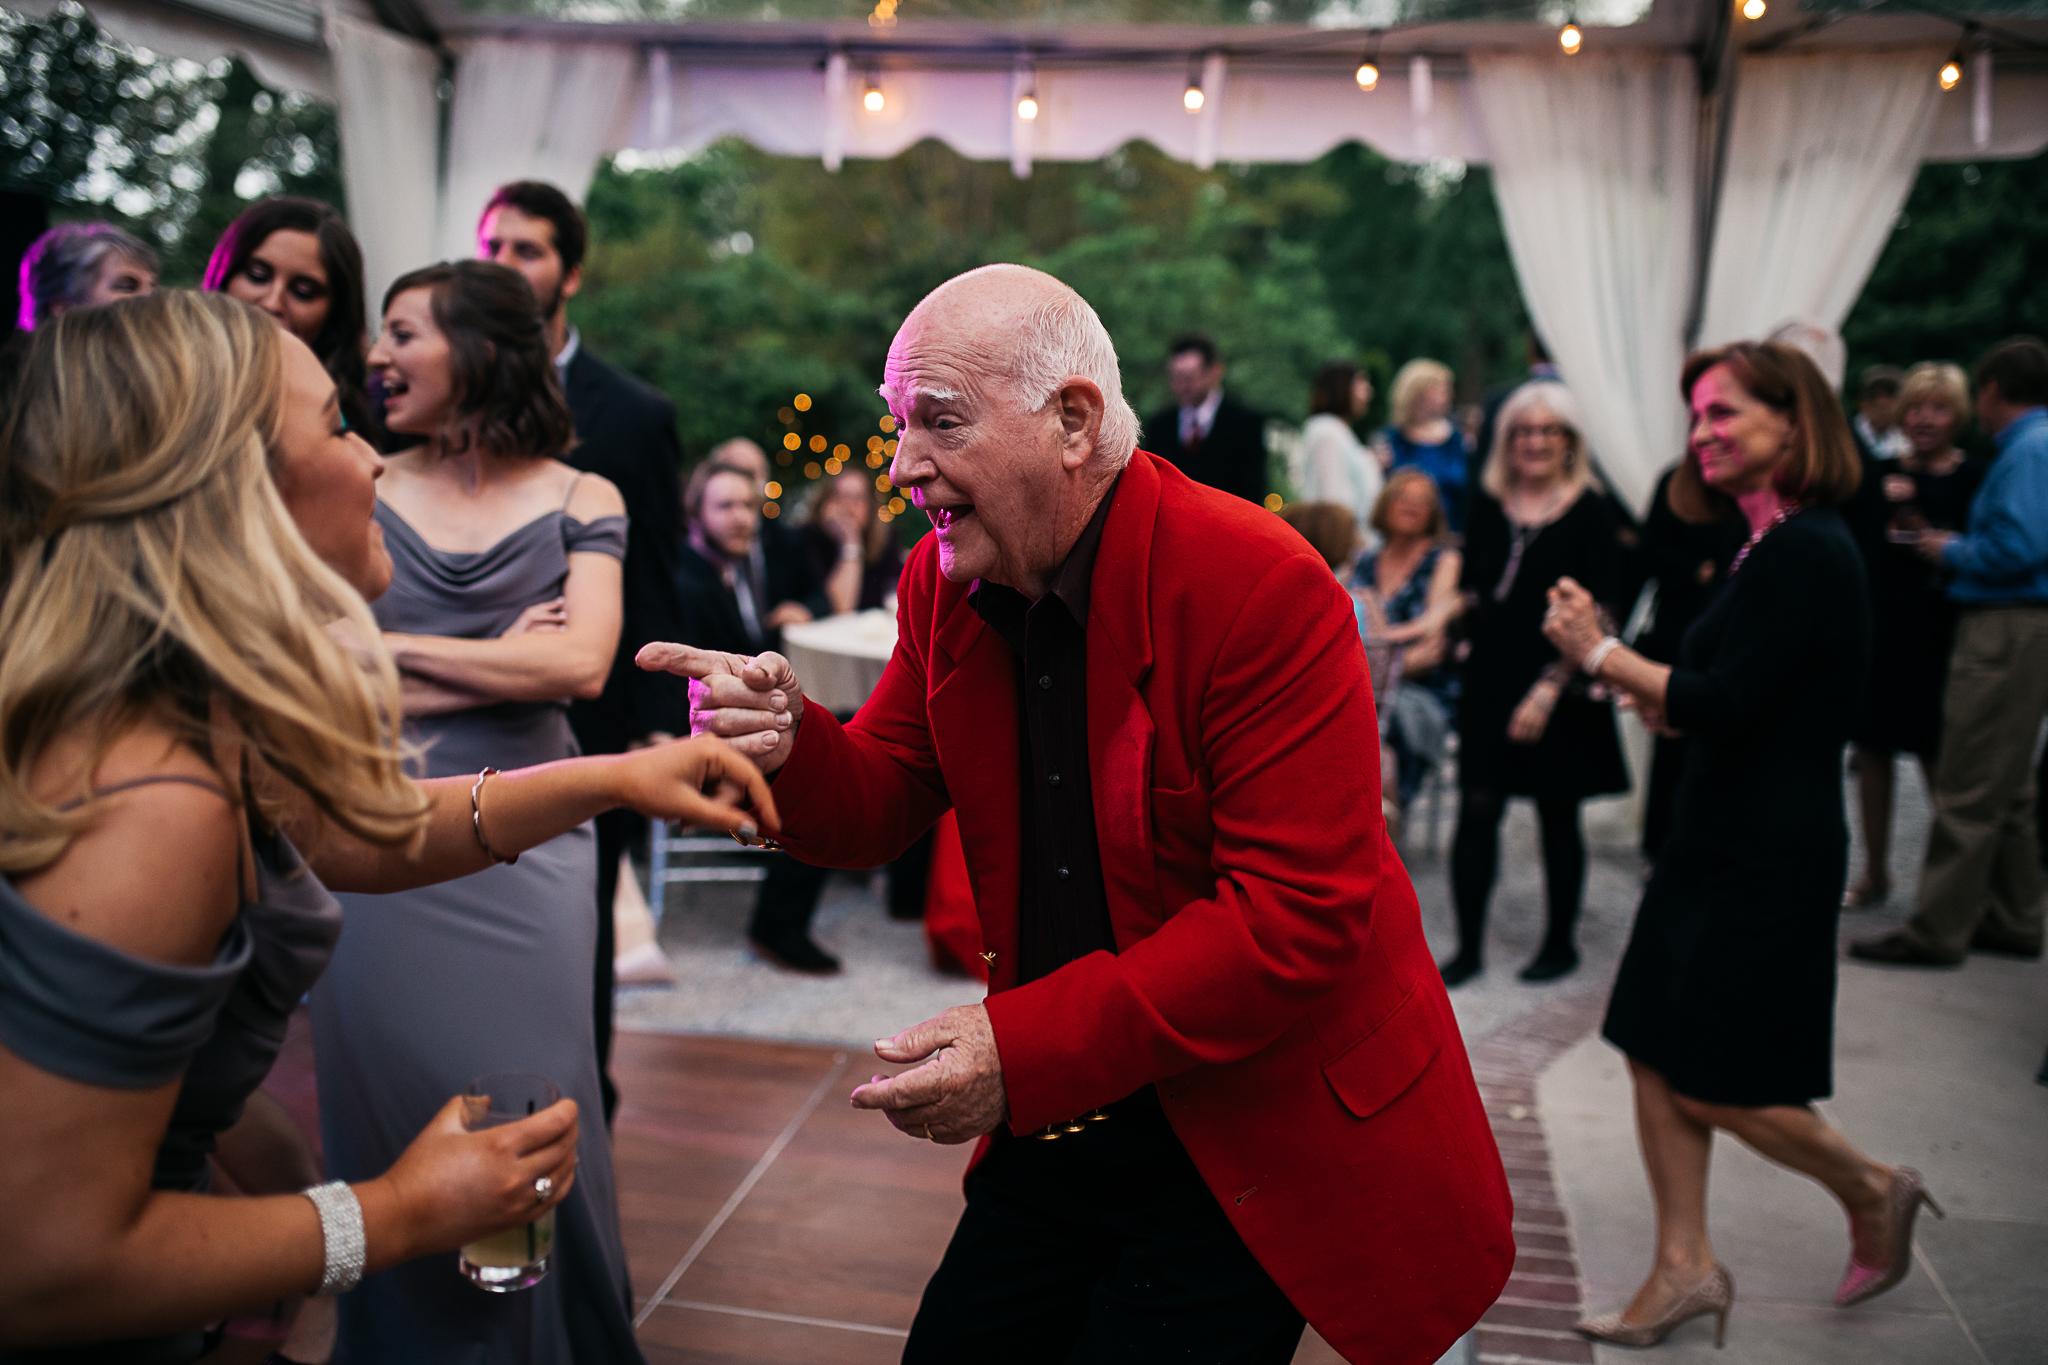 HannahandAndrew-thewarmtharoundyou-wedding25.jpg